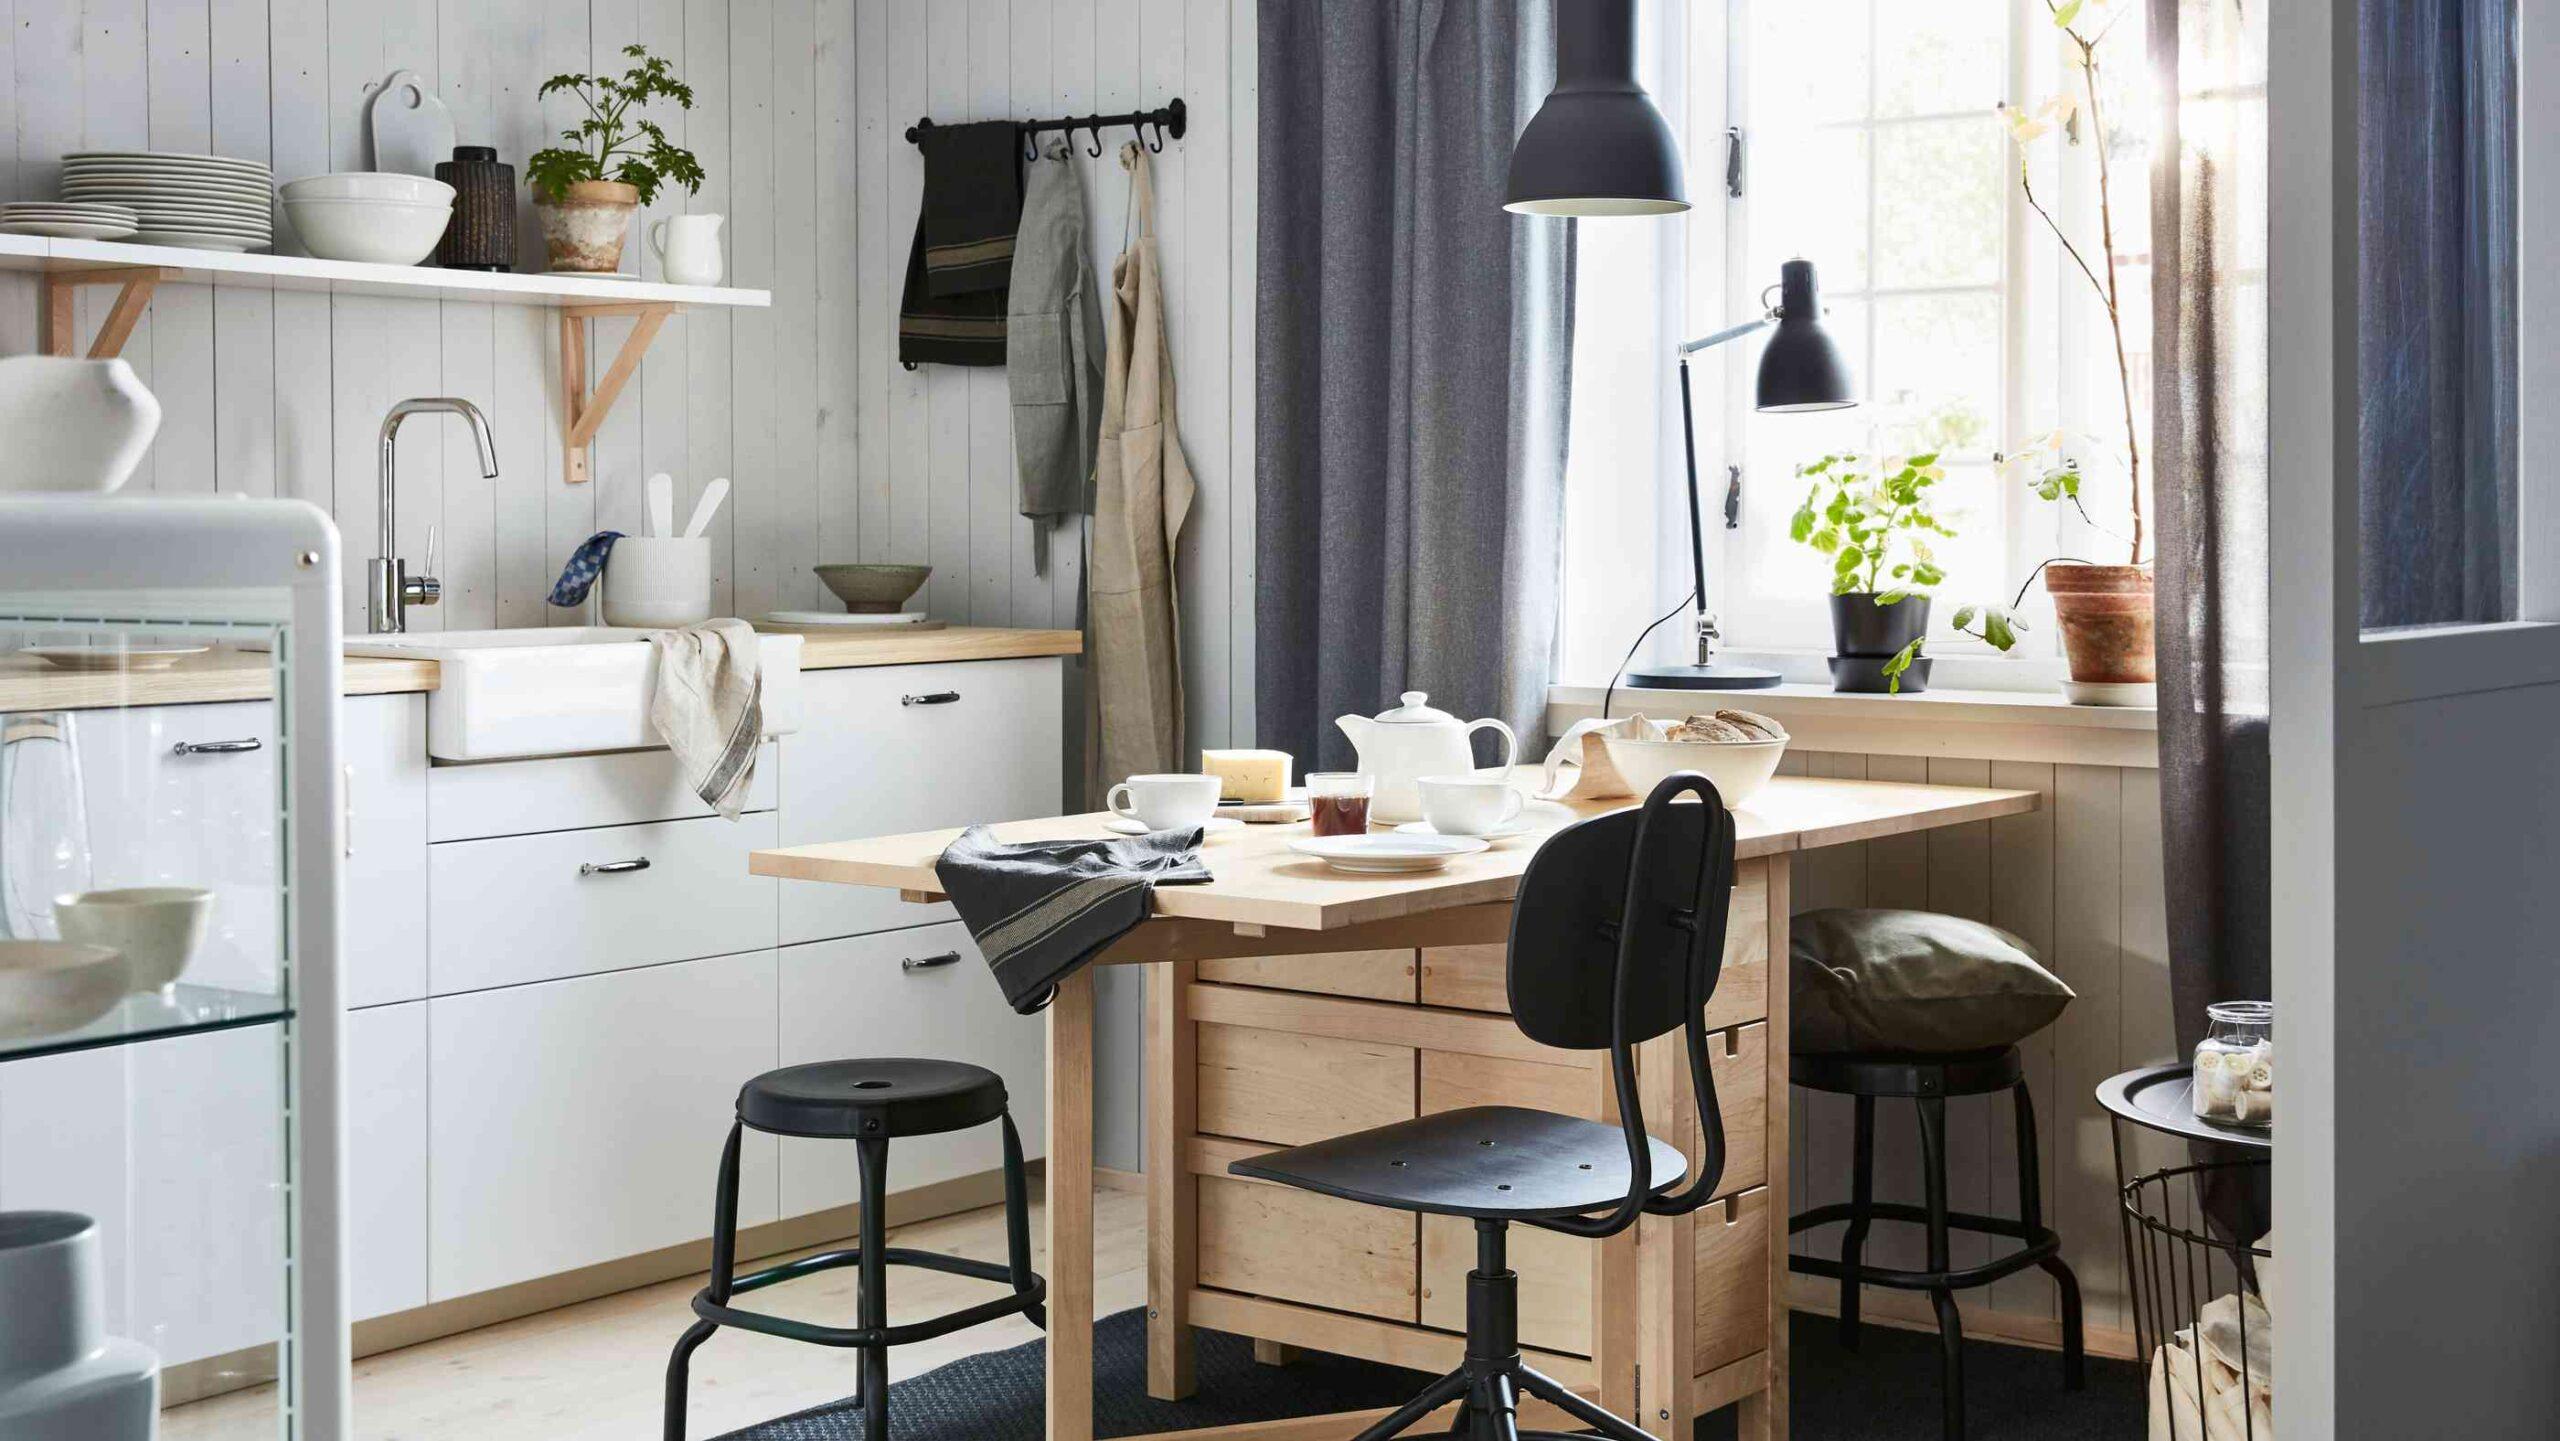 Full Size of Ikea Miniküchen Minikche So Richtet Ihr Eine Kleine Kche Schlau Ein Sofa Mit Schlaffunktion Miniküche Küche Kosten Betten Bei 160x200 Kaufen Modulküche Wohnzimmer Ikea Miniküchen